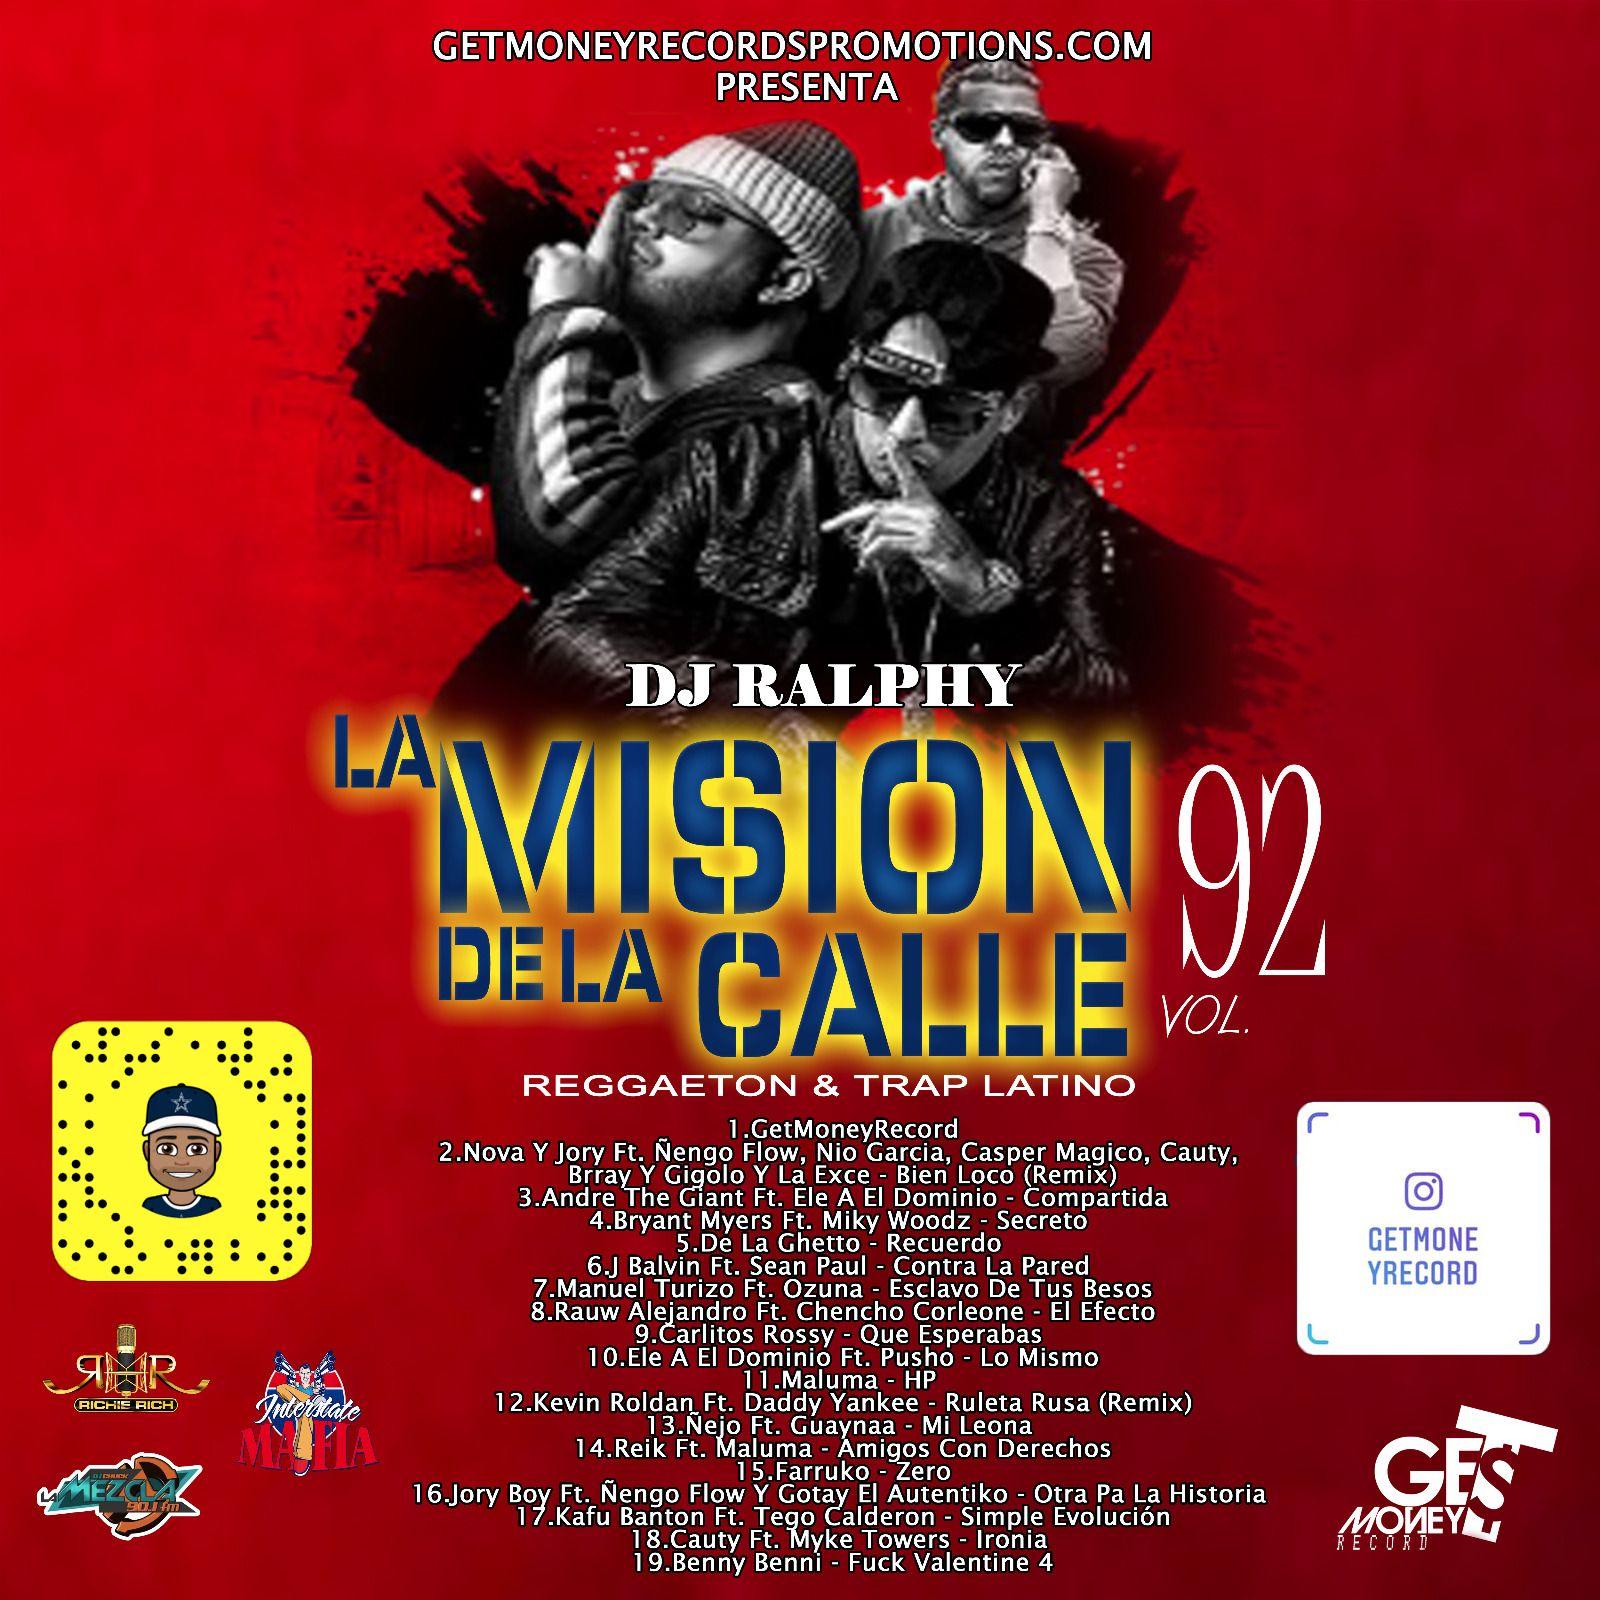 Reggaeton & Trap Latino La Mision De La Calle Vol 92 (2019) by Ozuna